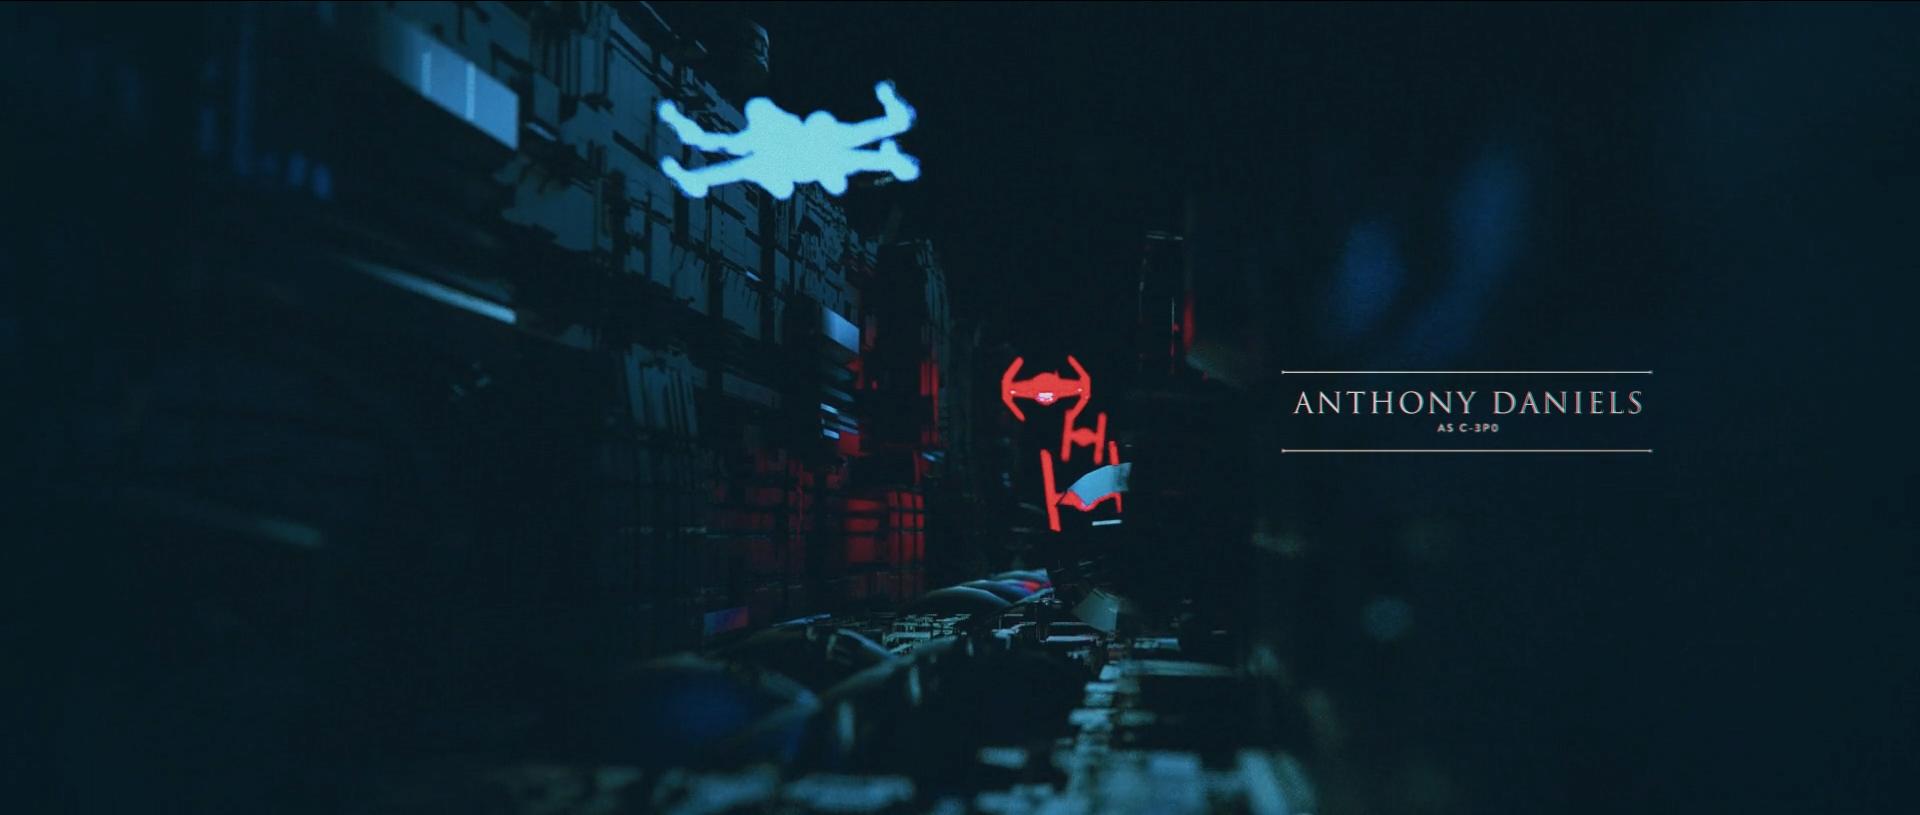 X-Wing und Tie-Fighter – Der Student hat sich beim Animieren außerordentliche Mühe gegeben